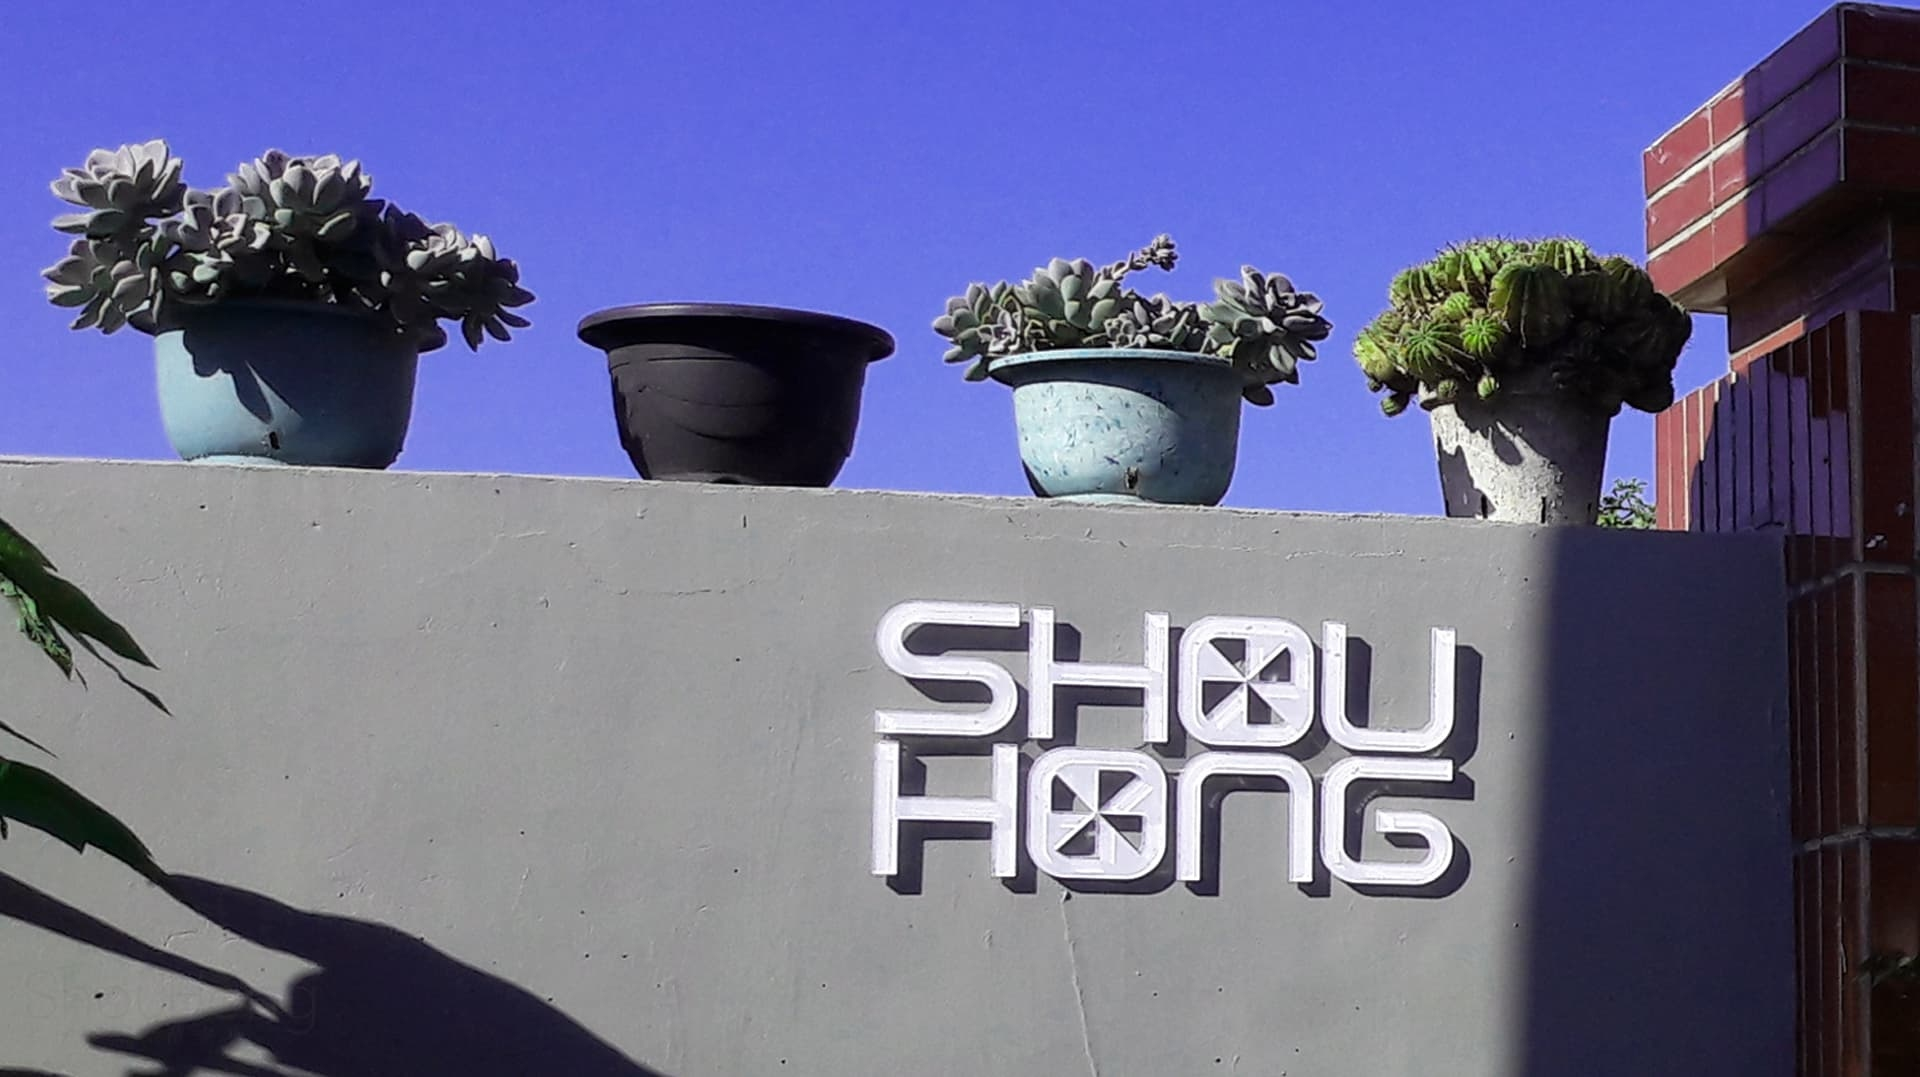 以要做最好的品牌為首選『首』  及帥氣Baby名子中的『宏』  發音『ShouHong』  做為出發